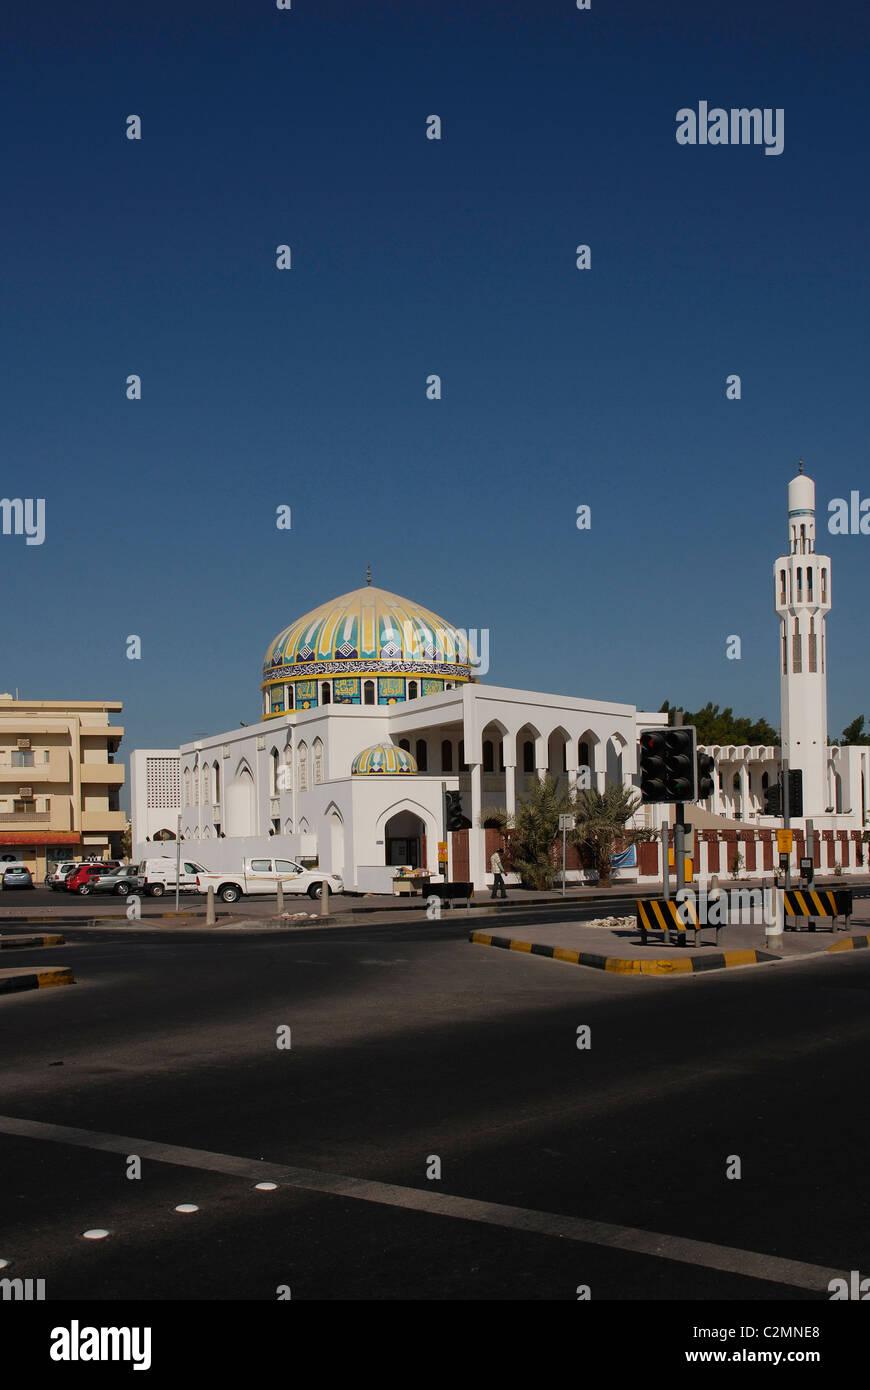 Emam Al Sadiq Mosque, Manama, Bahrain, Middle East - Stock Image